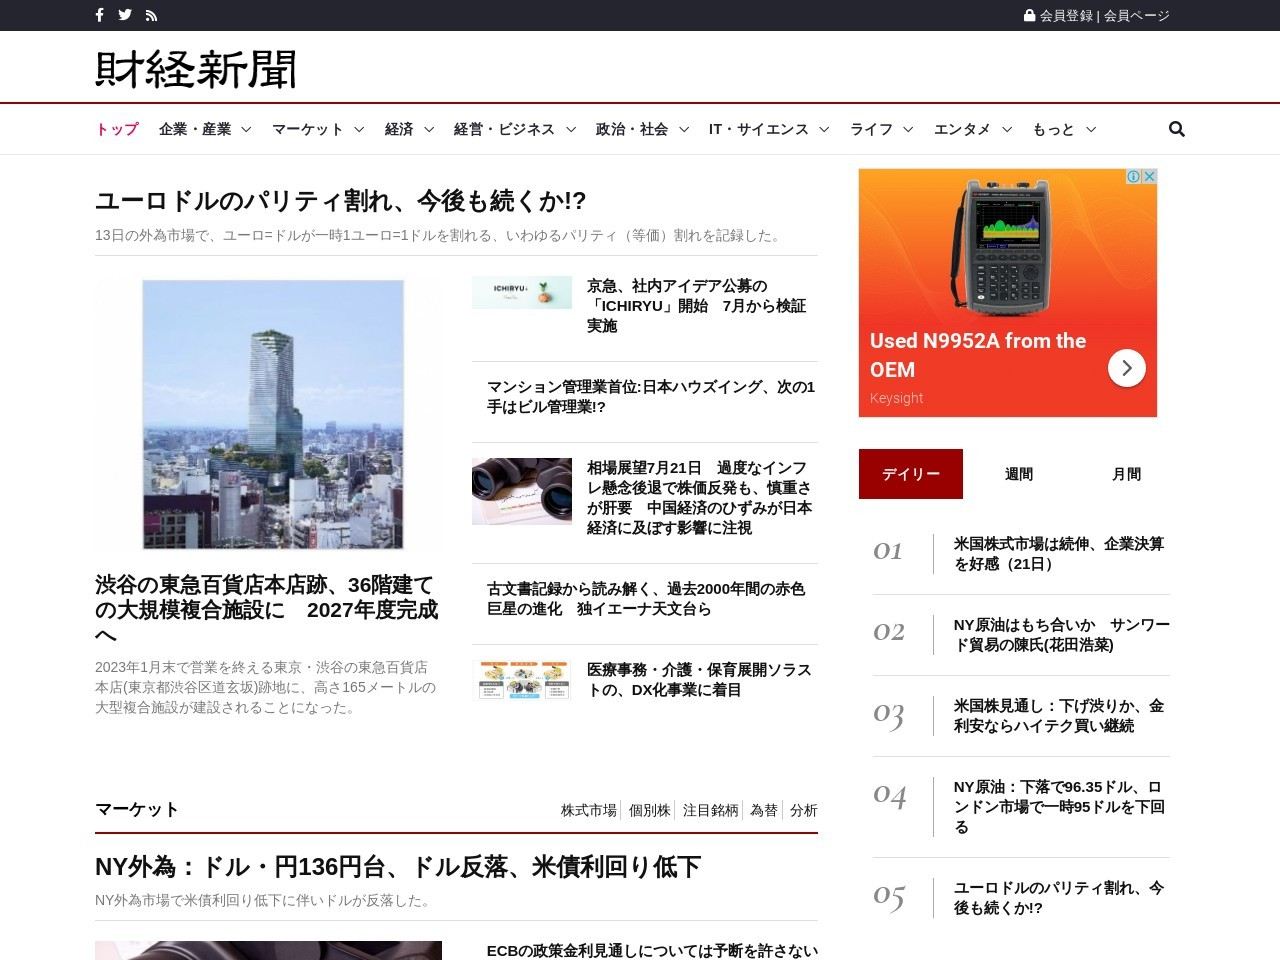 親日的で訪日意識高い国、アジア圏で多数 電通のジャパンブランド調査